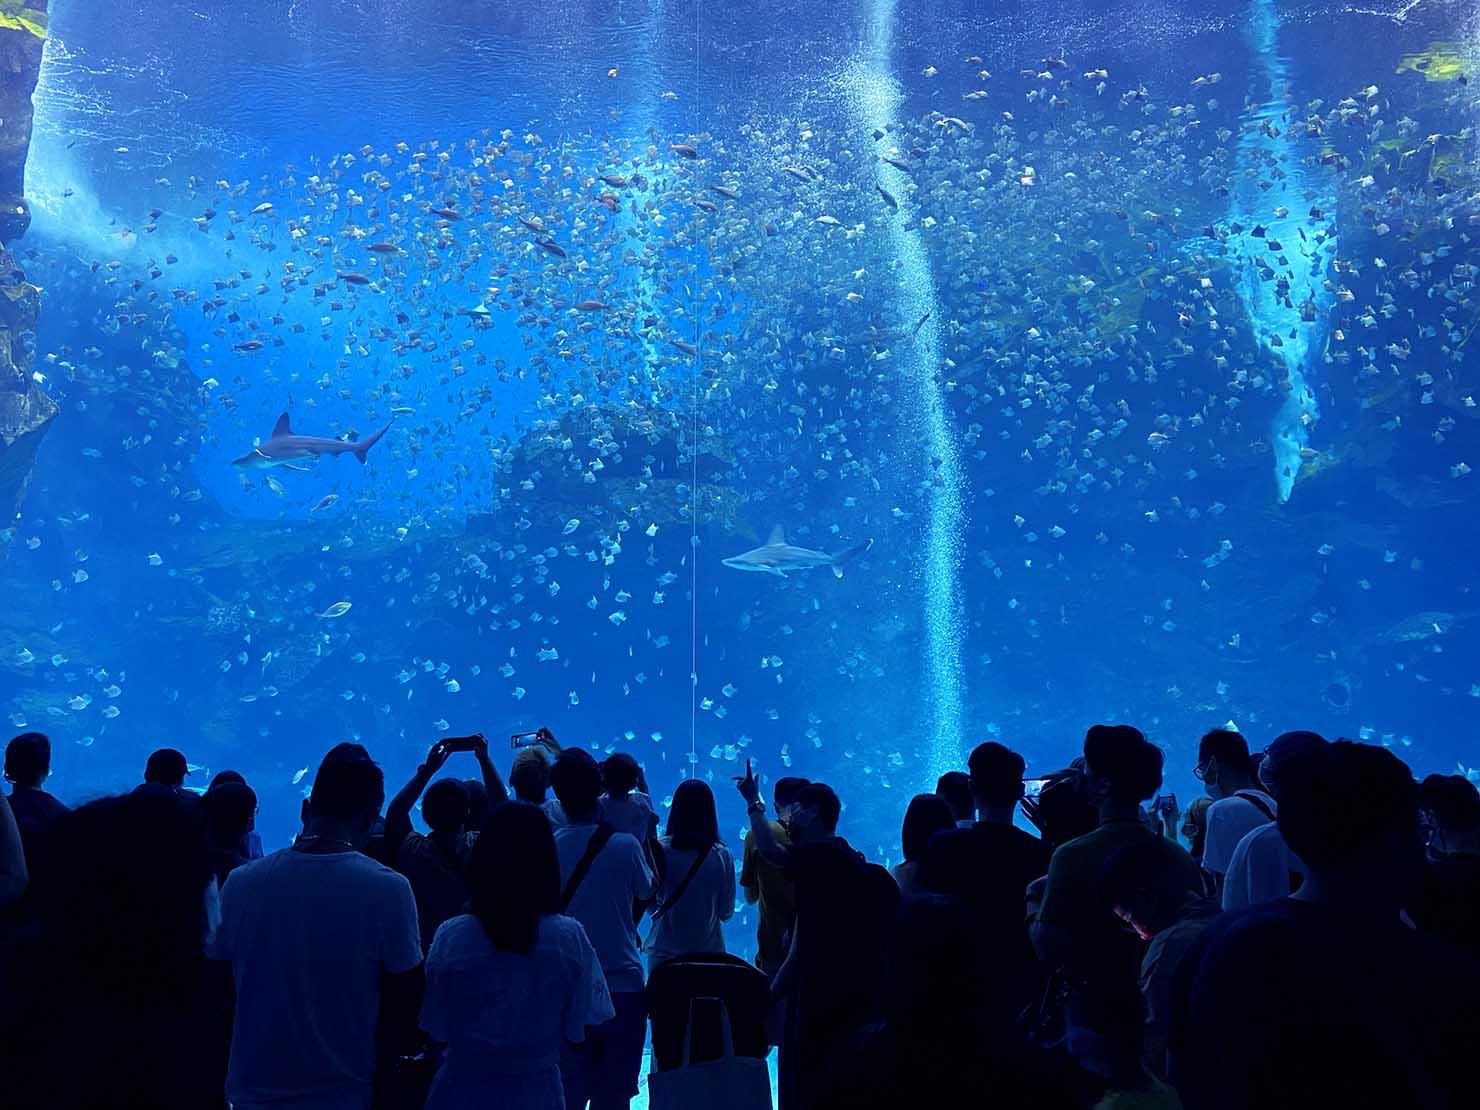 台北に誕生した都市型水族館「Xpark」内エリア「福爾摩沙」の巨大水槽